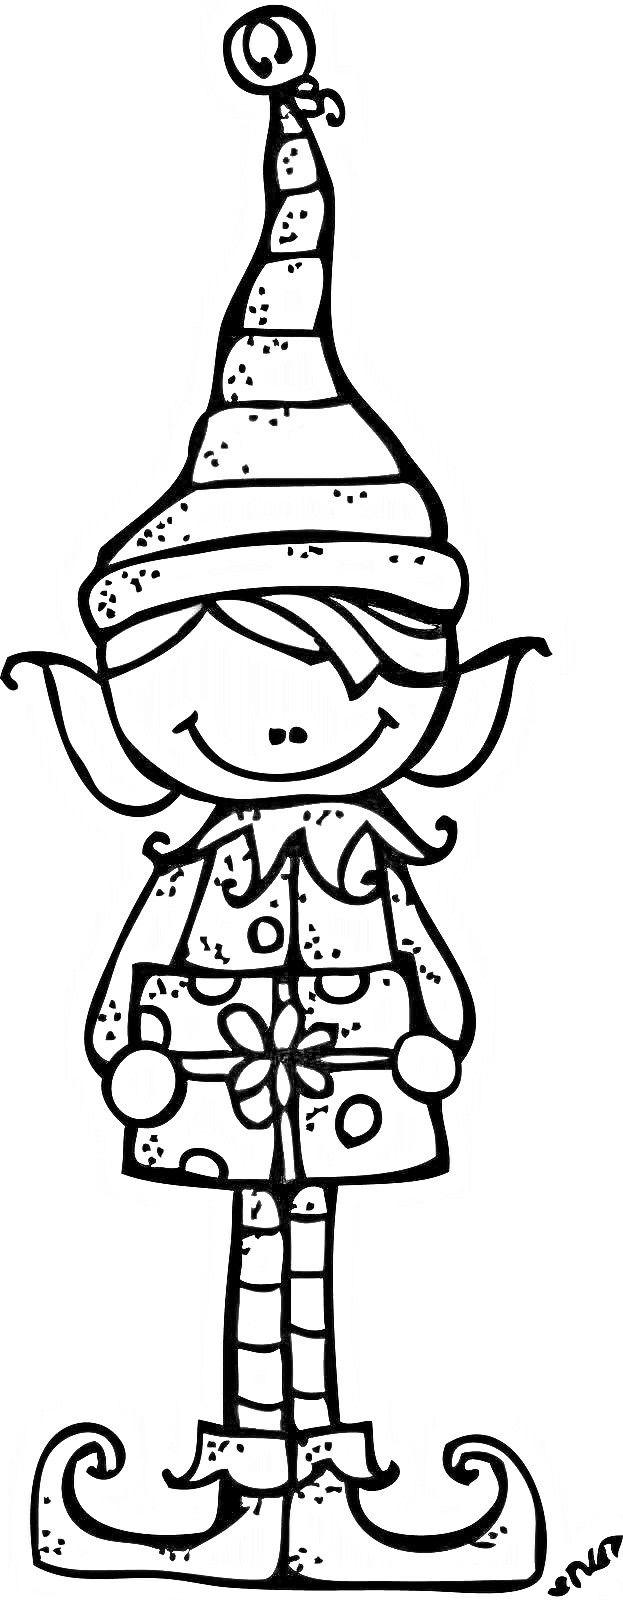 Pin de Me2 Robison en Coloring Pages | Pinterest | Navidad, Pintar y ...